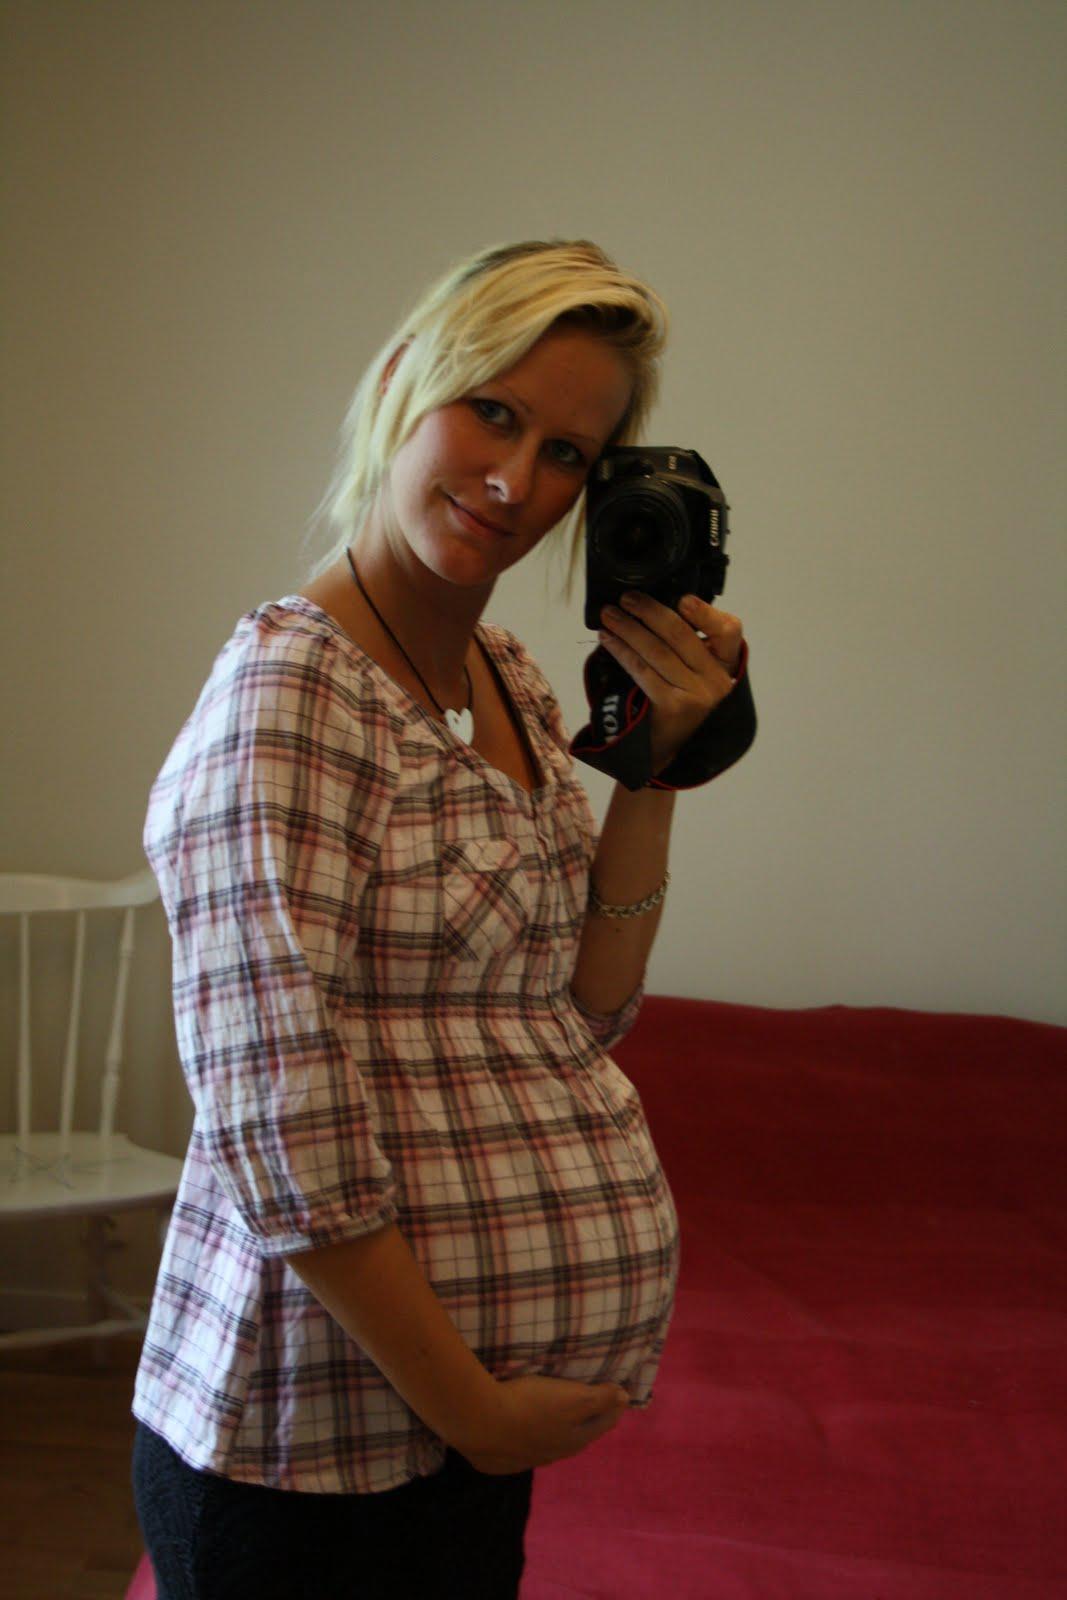 molande mensvärk gravid vecka 33